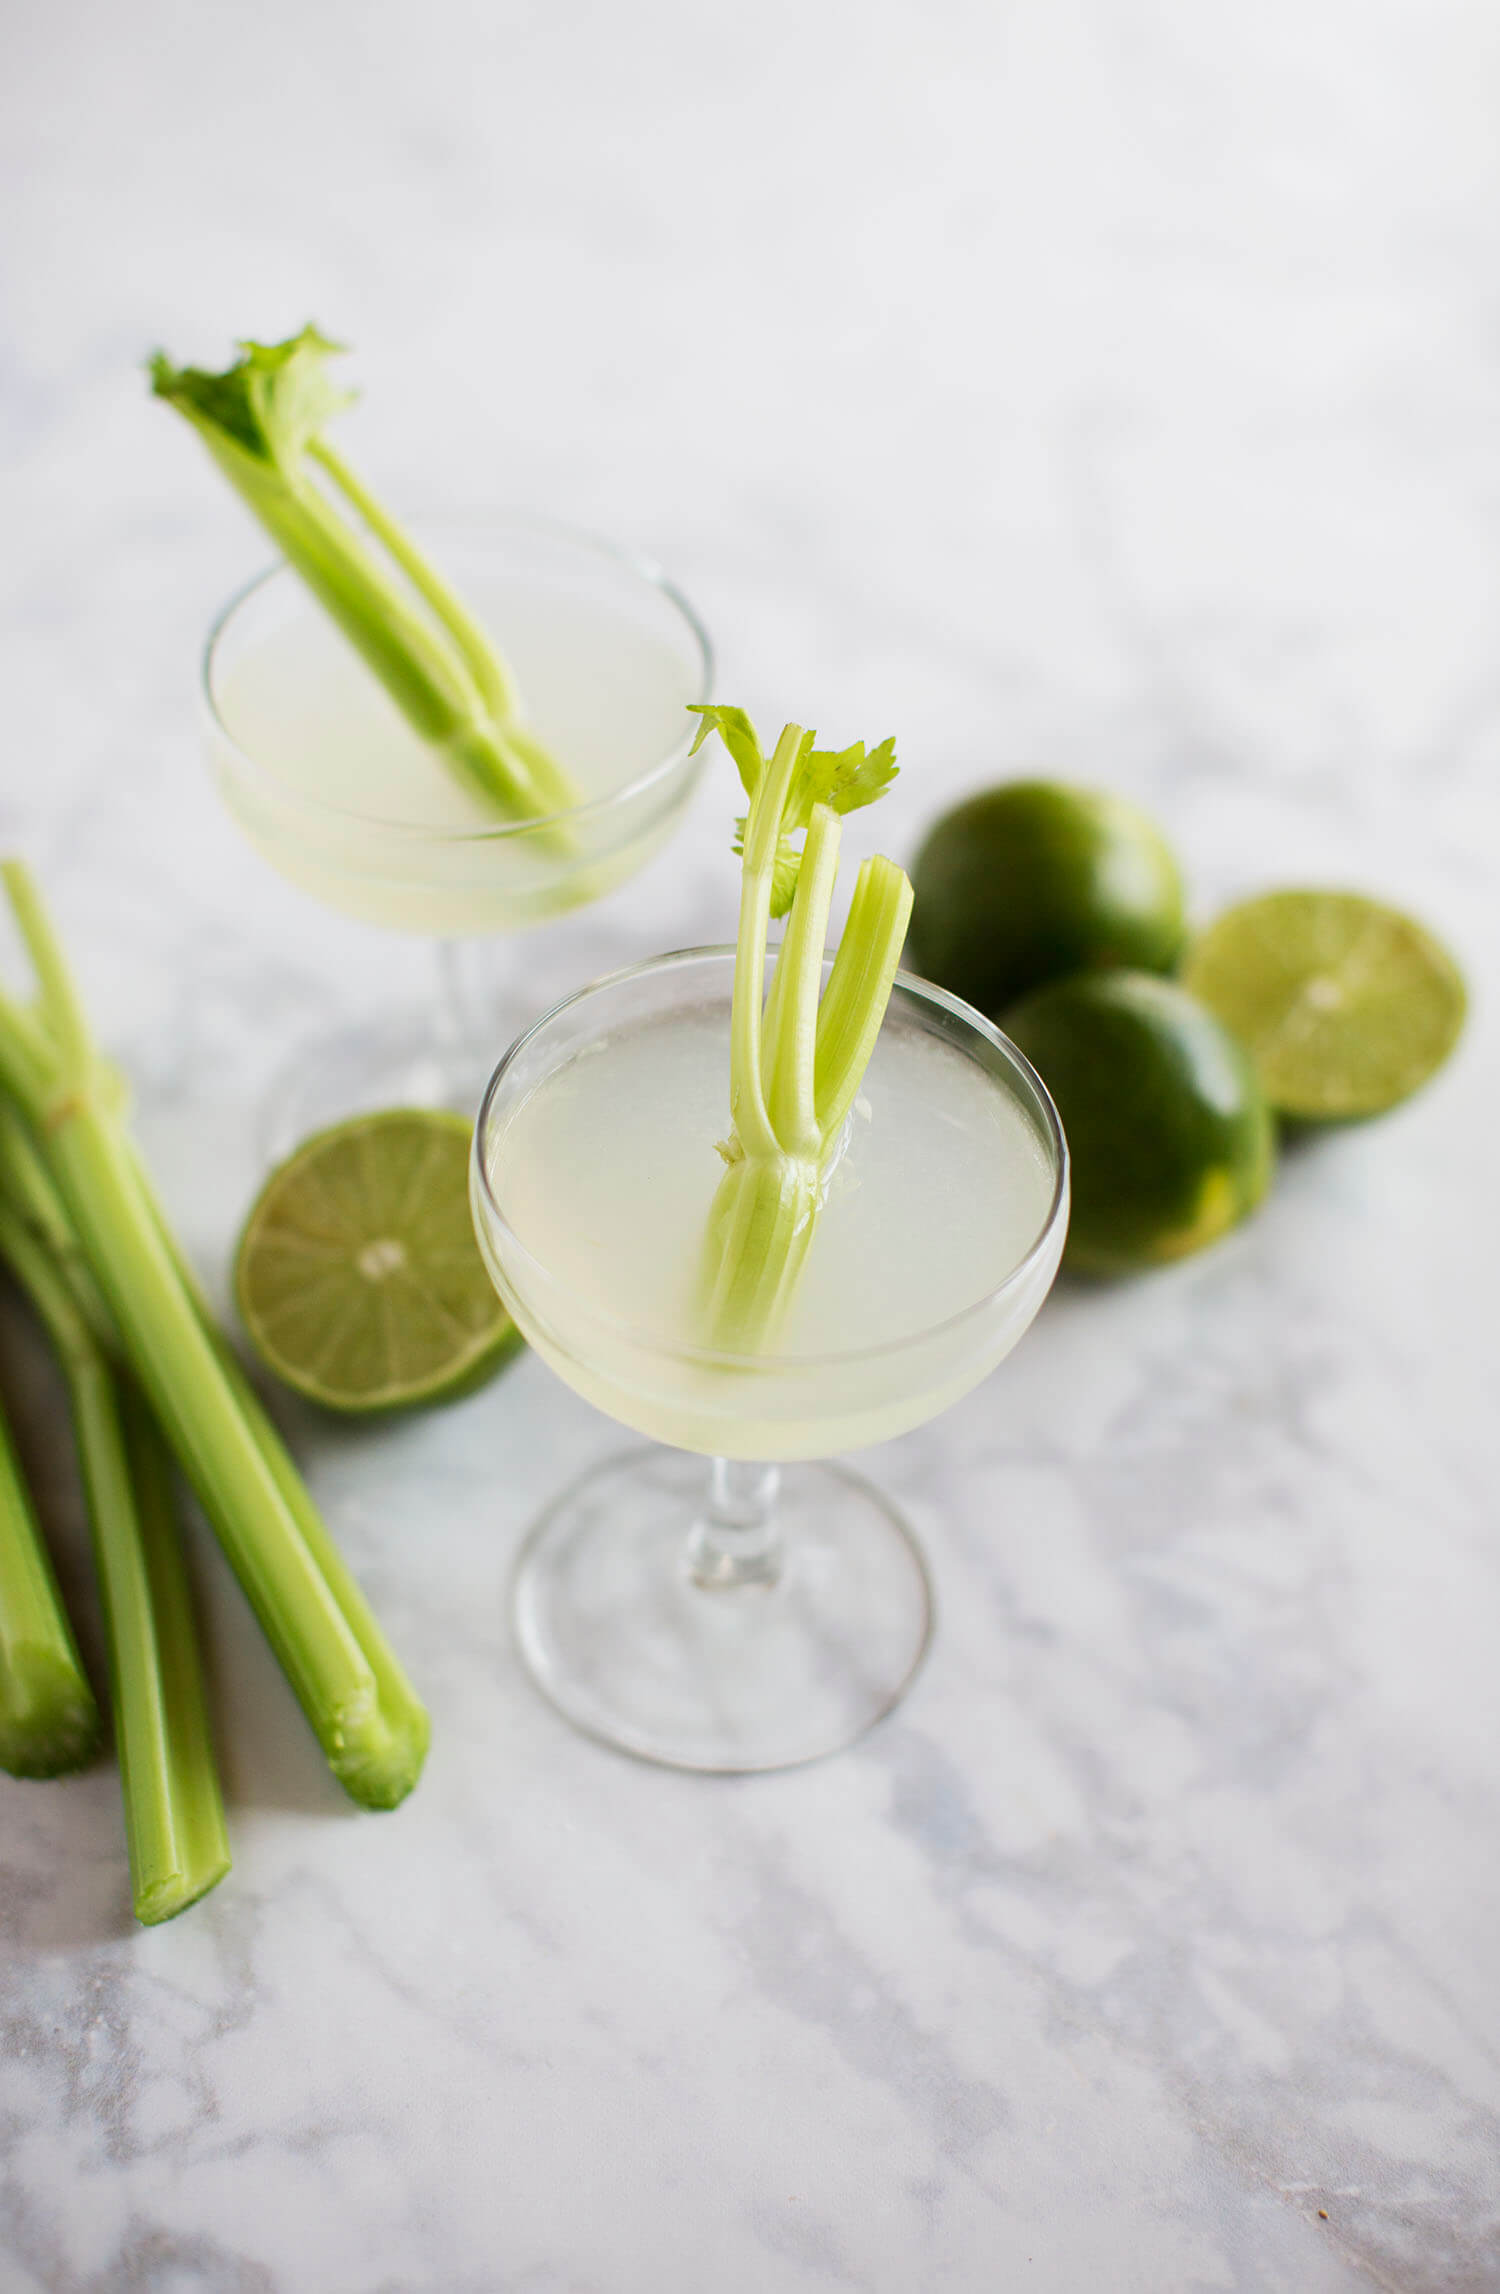 Celery and Lime Gimlet (via fitness-4all.com)